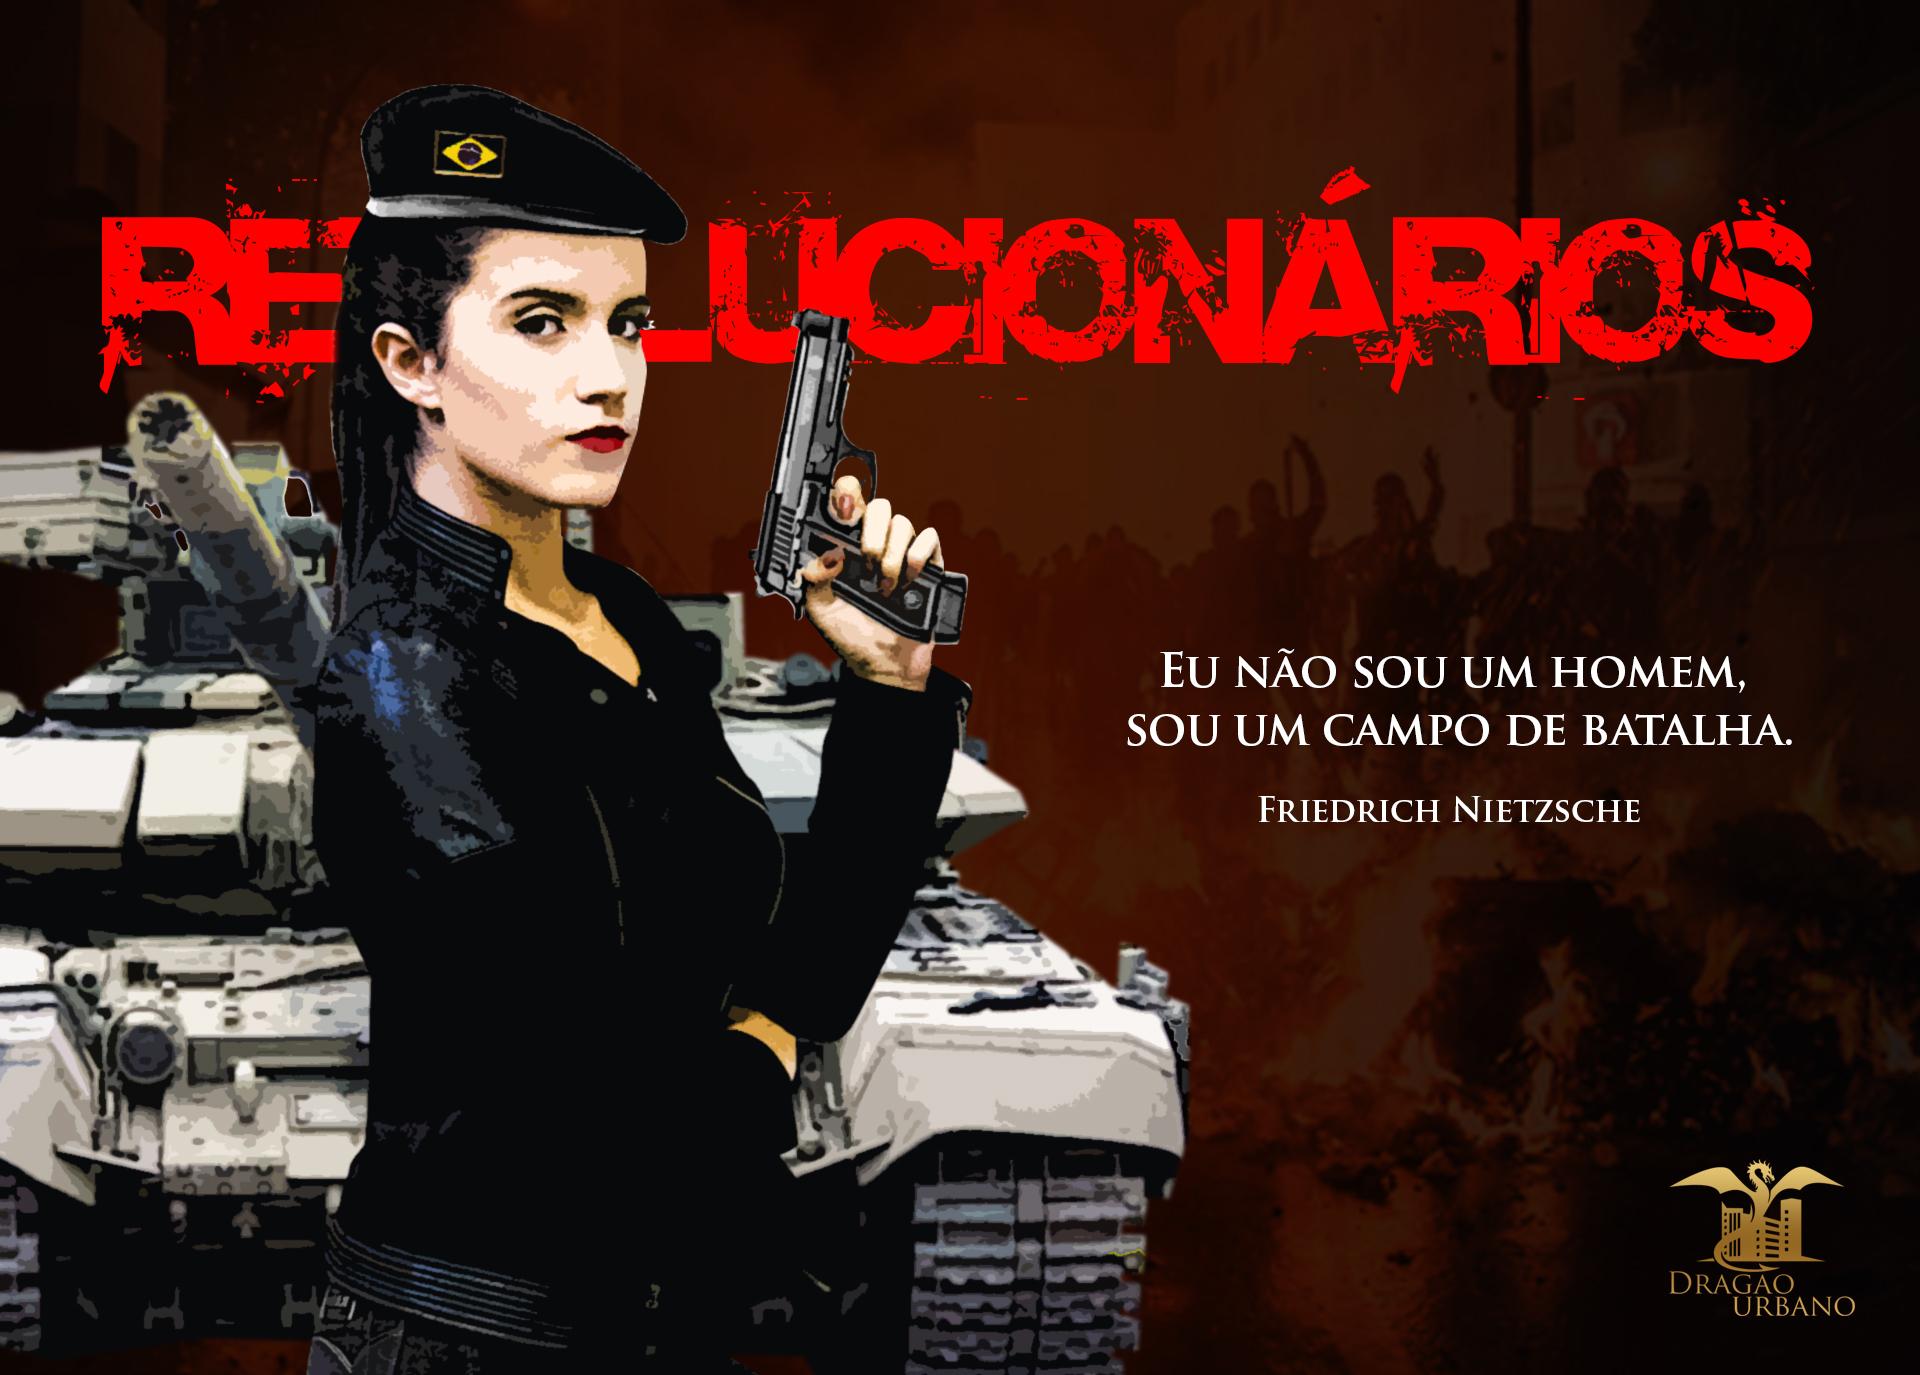 Sargento Joana Gomes